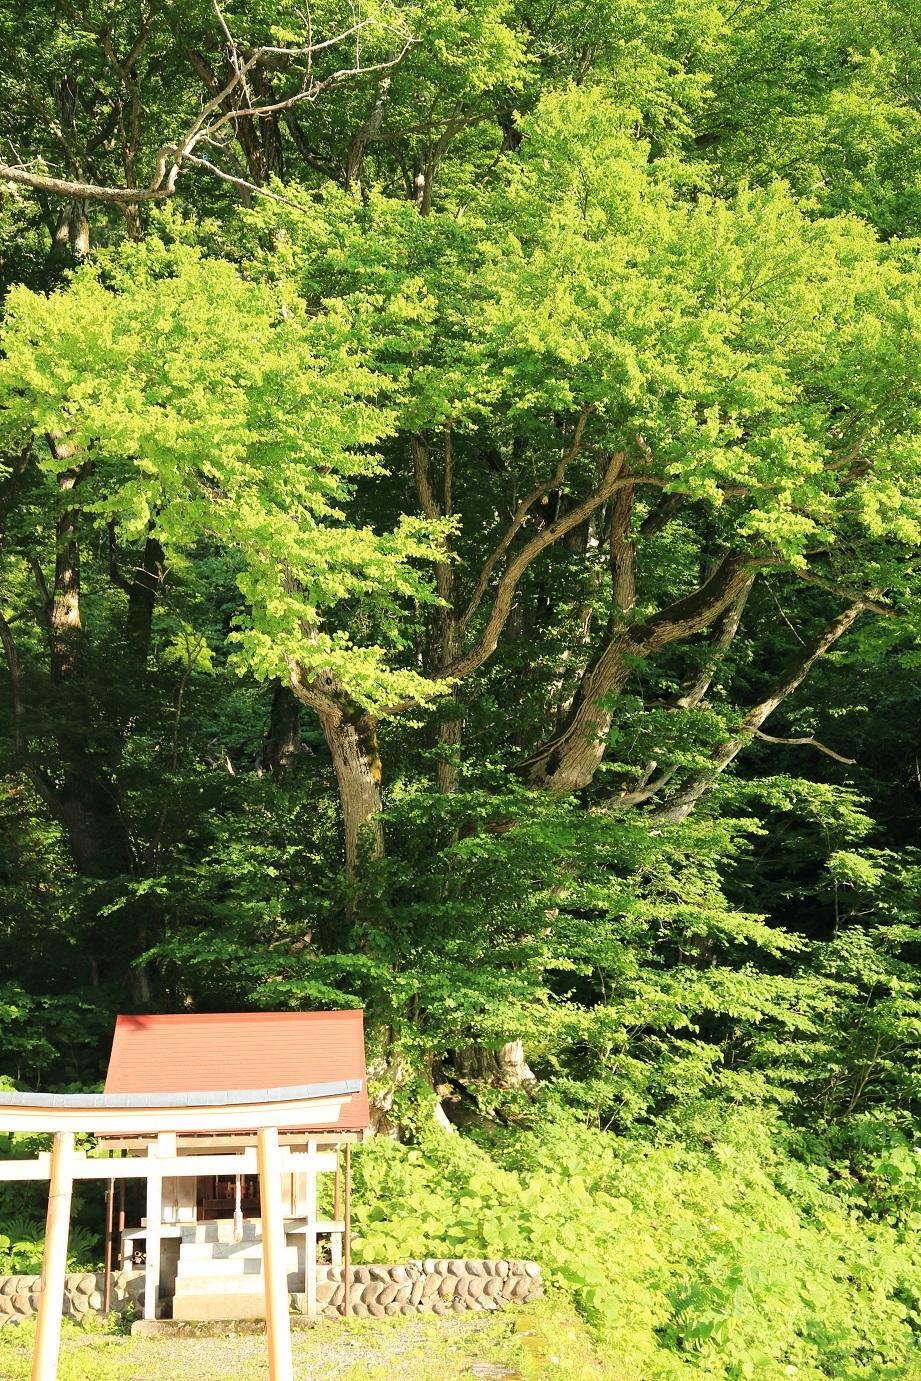 2017 6 24 山の神と桂の巨木 ブログ用.jpg